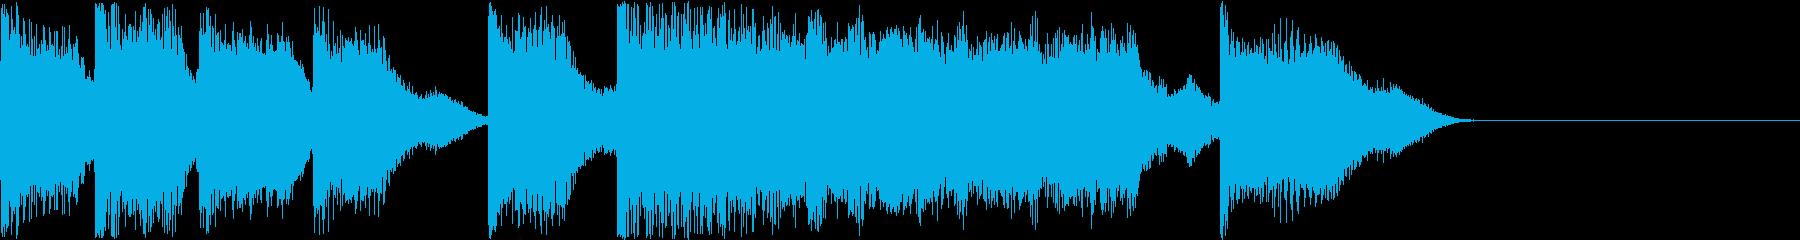 AI メカ/ロボ/マシン動作音 16の再生済みの波形